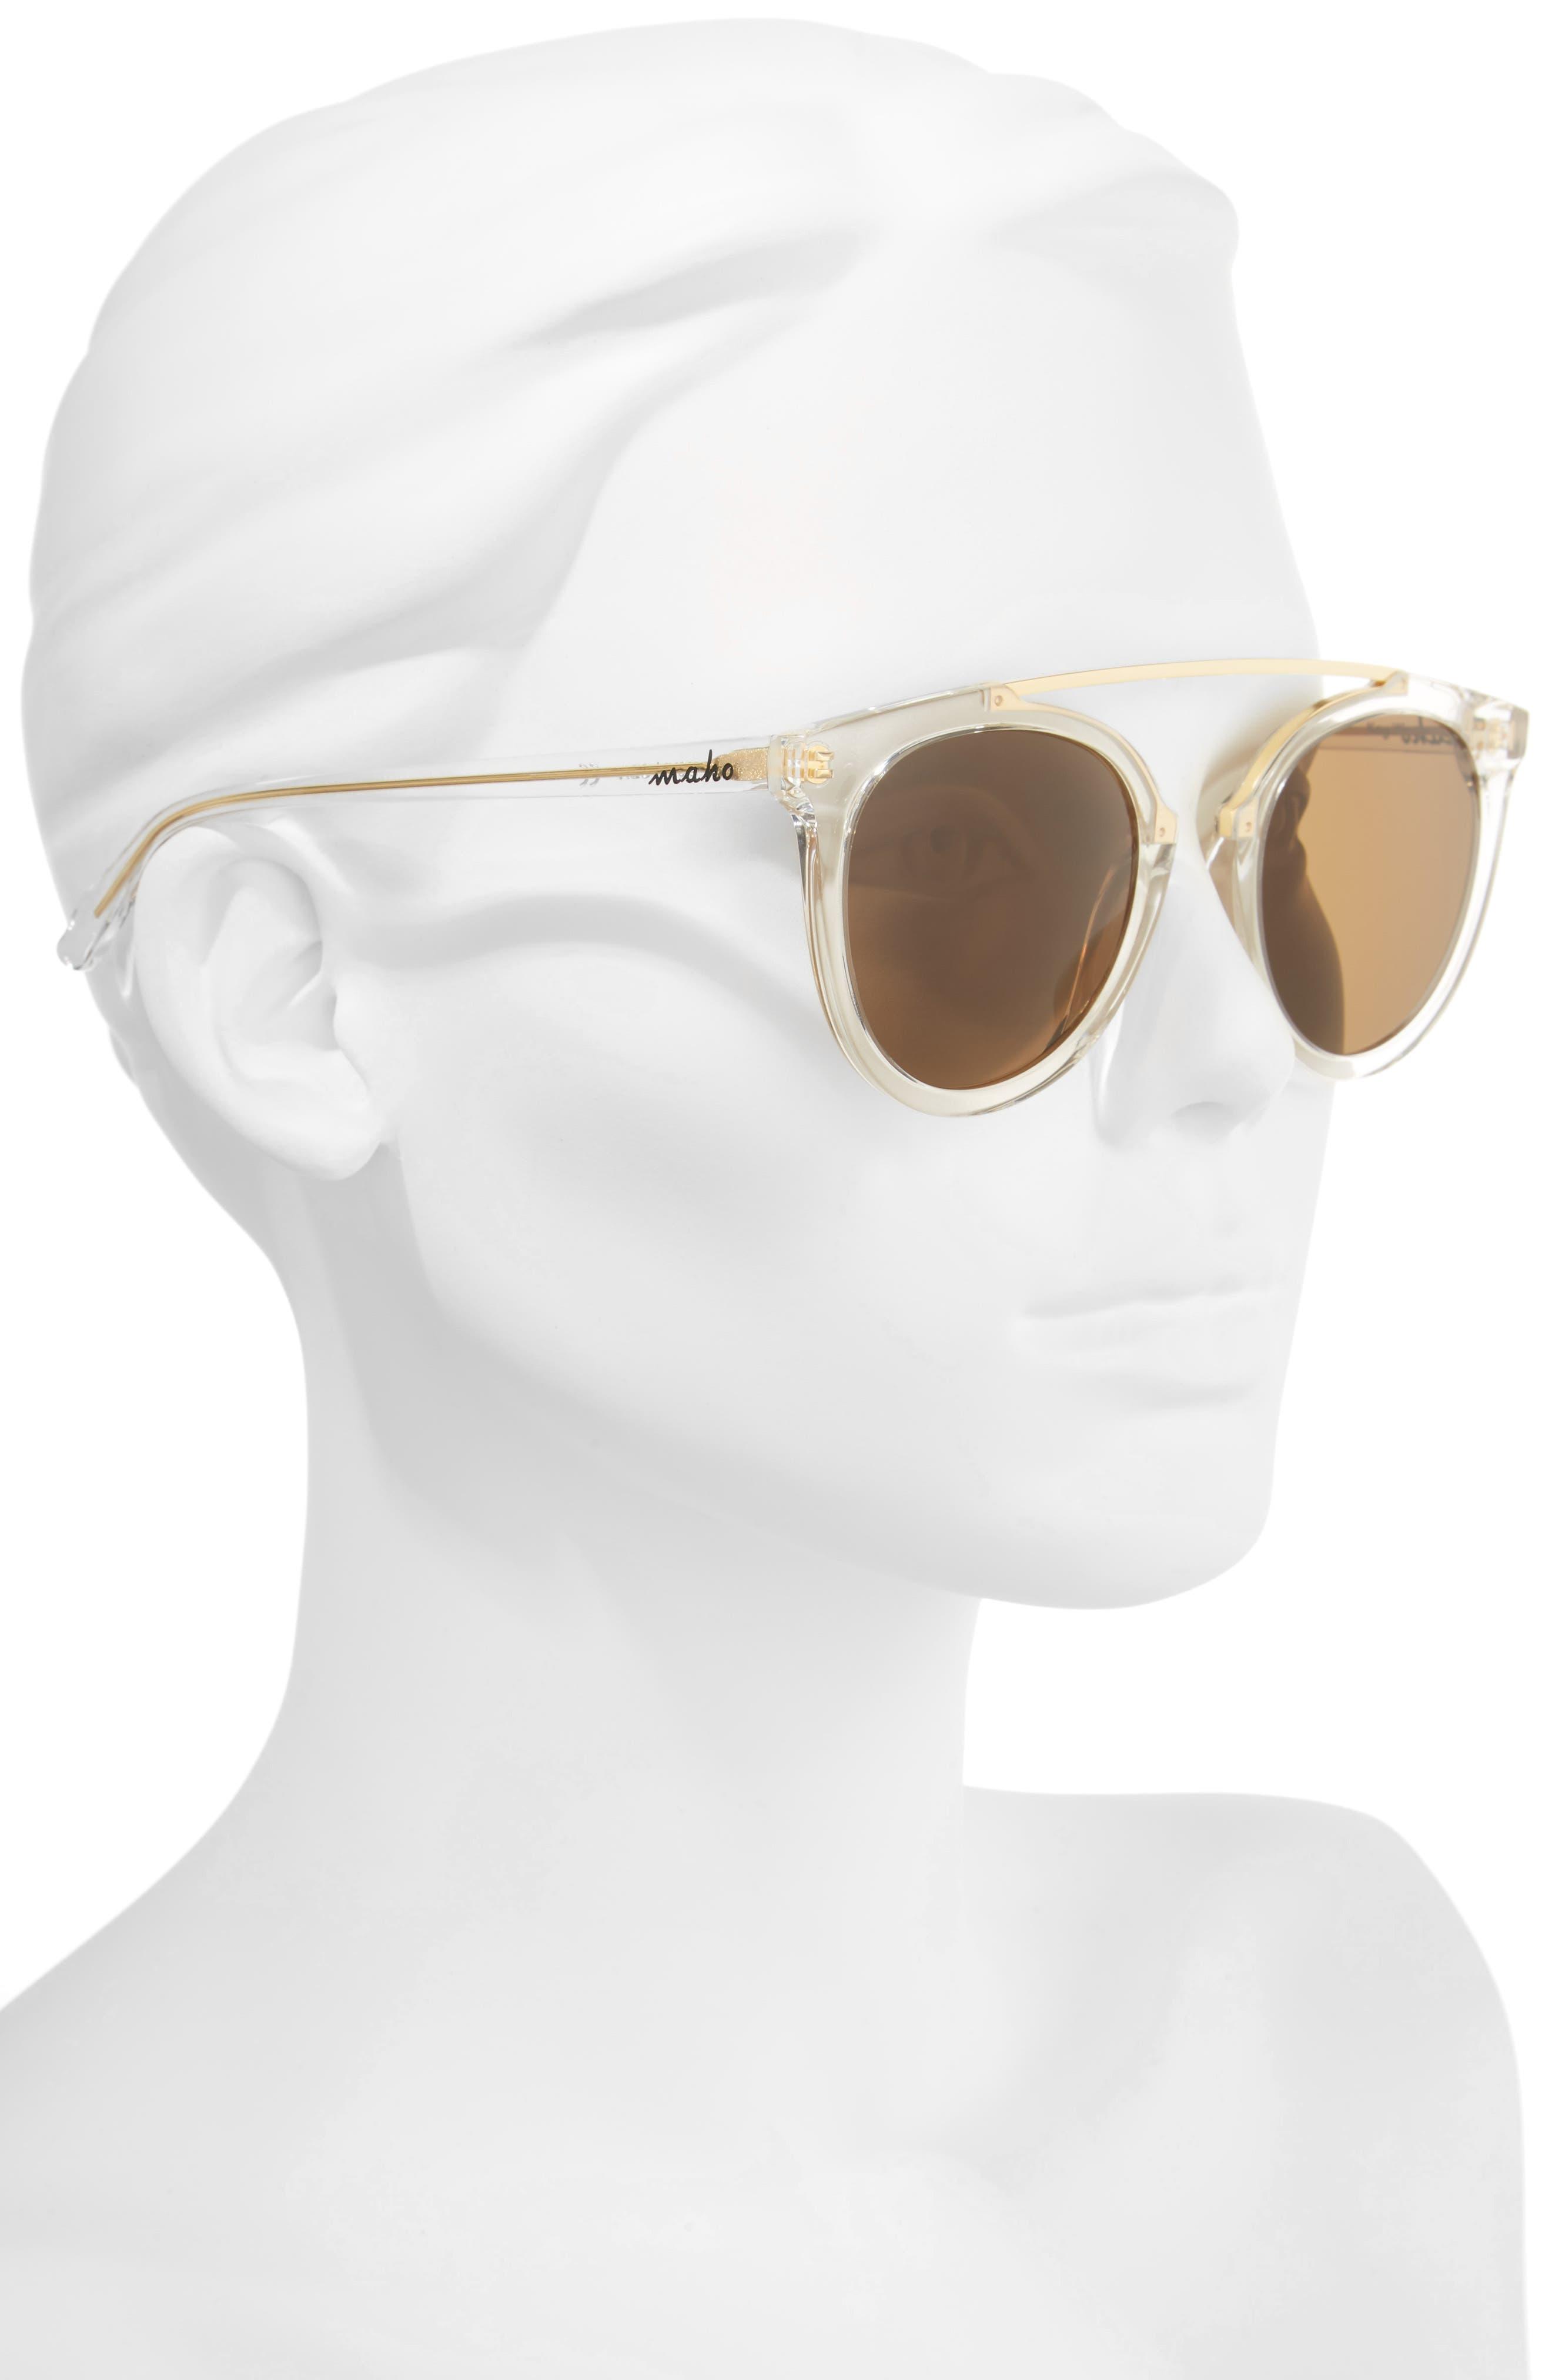 Alternate Image 2  - Maho Key West 50mm Polarized Aviator Sunglasses